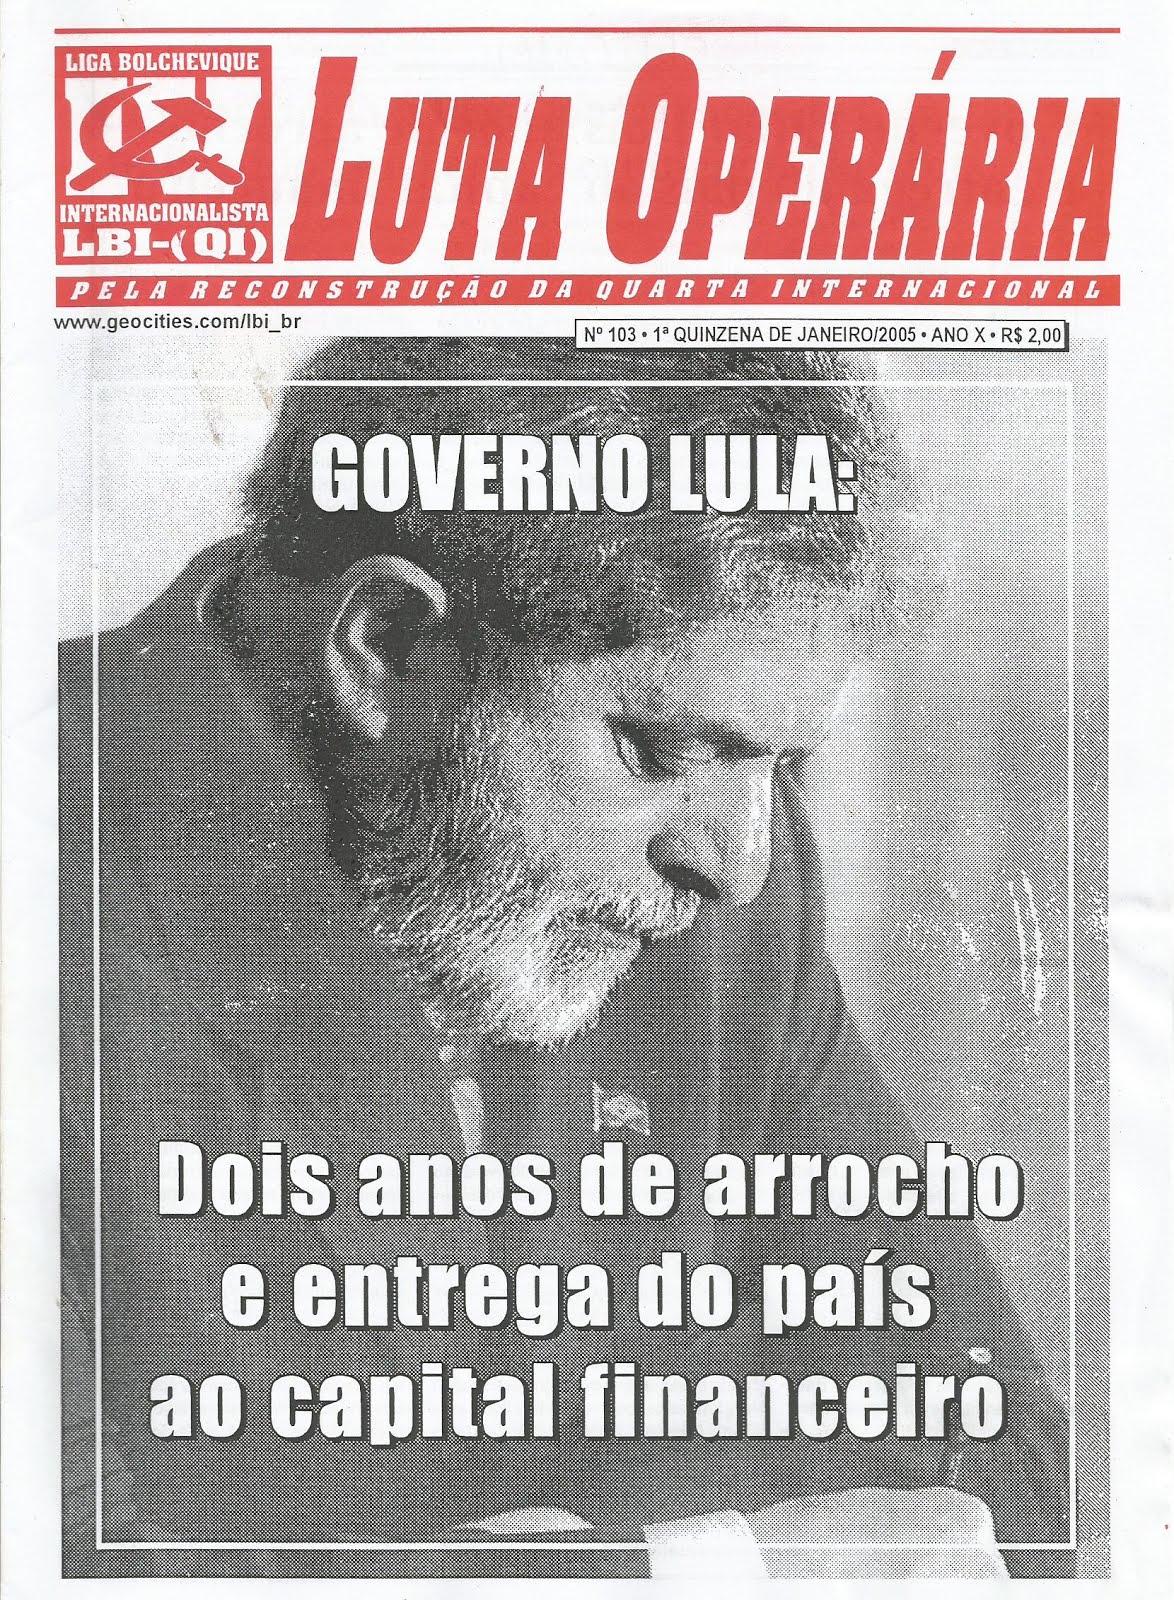 LEIA A EDIÇÃO DO JORNAL LUTA OPERÁRIA N 103, 1ª QUINZ. DE JANEIRO/2005